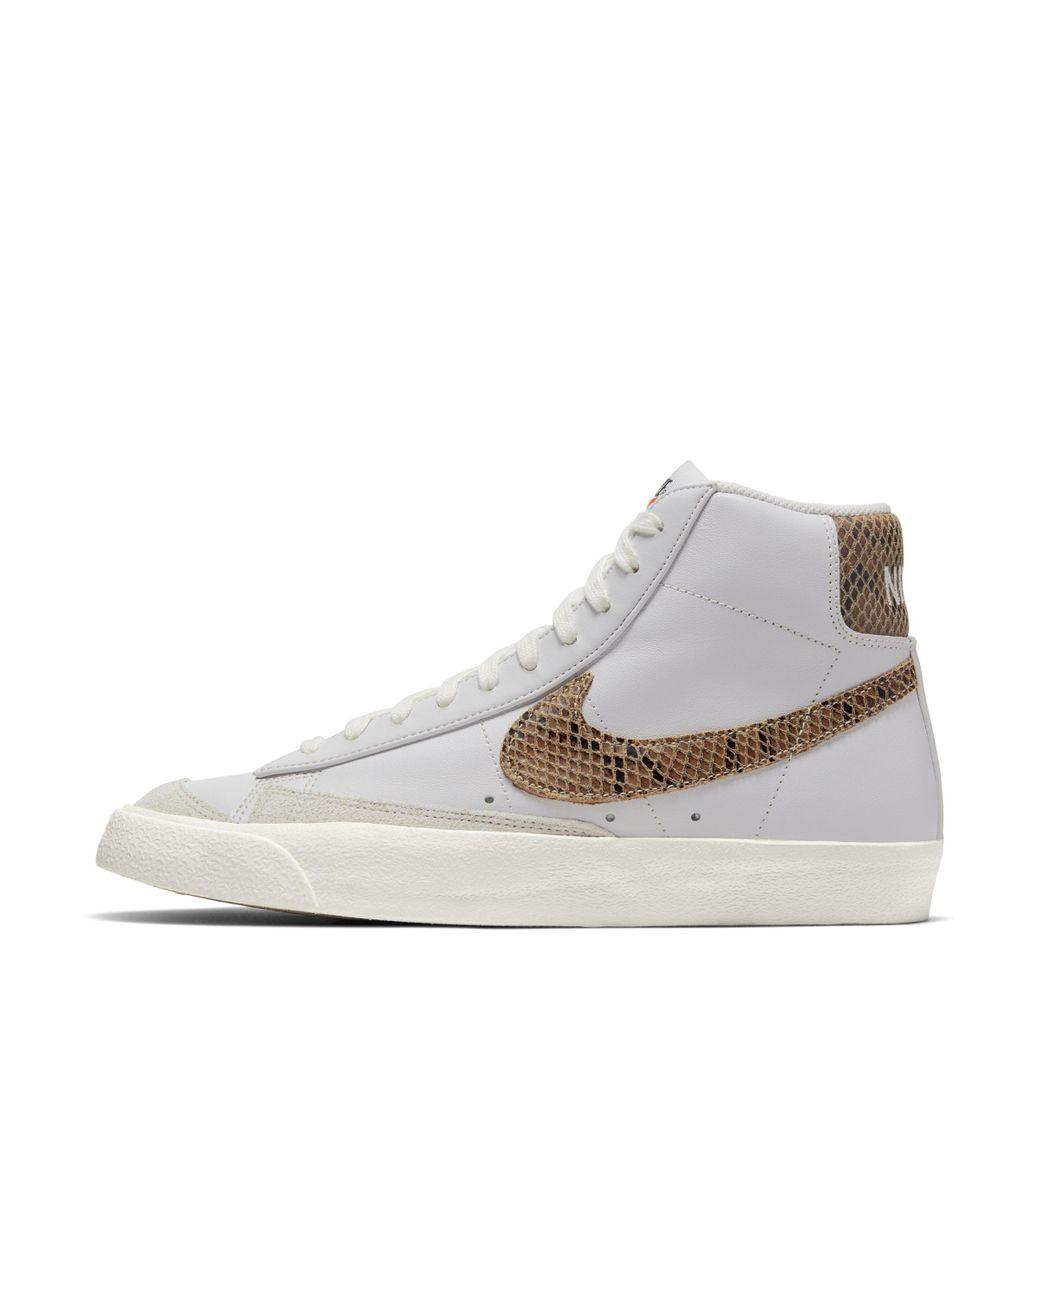 Nike in Herren 77 Schuh Grau Lyst Vintage Blazer Mid für iPXZku